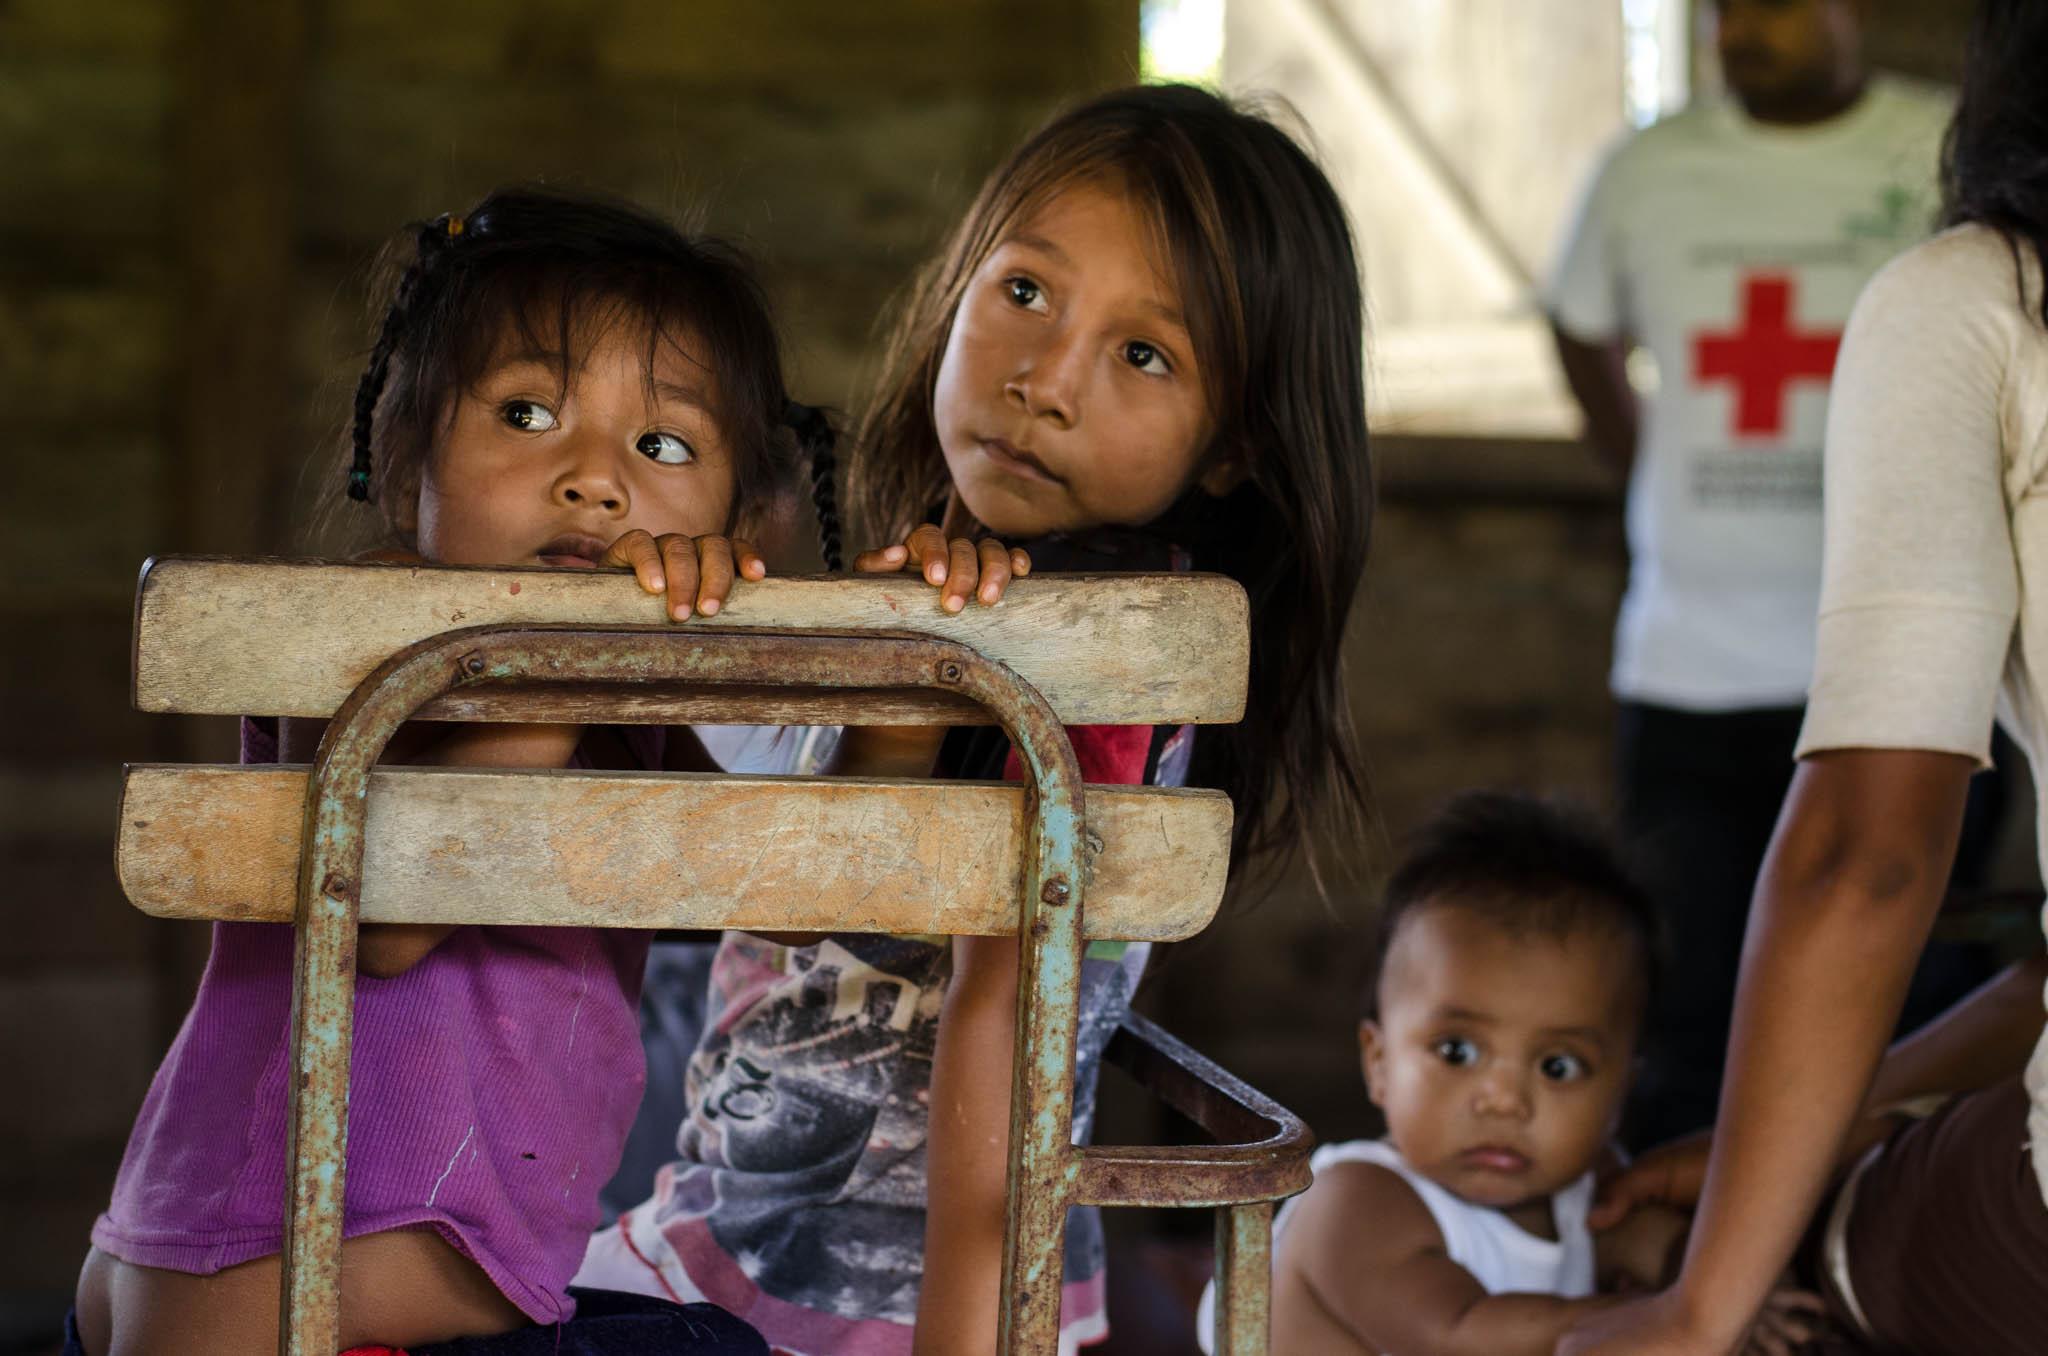 Children, Bangkukuk - photo, Tom Miller